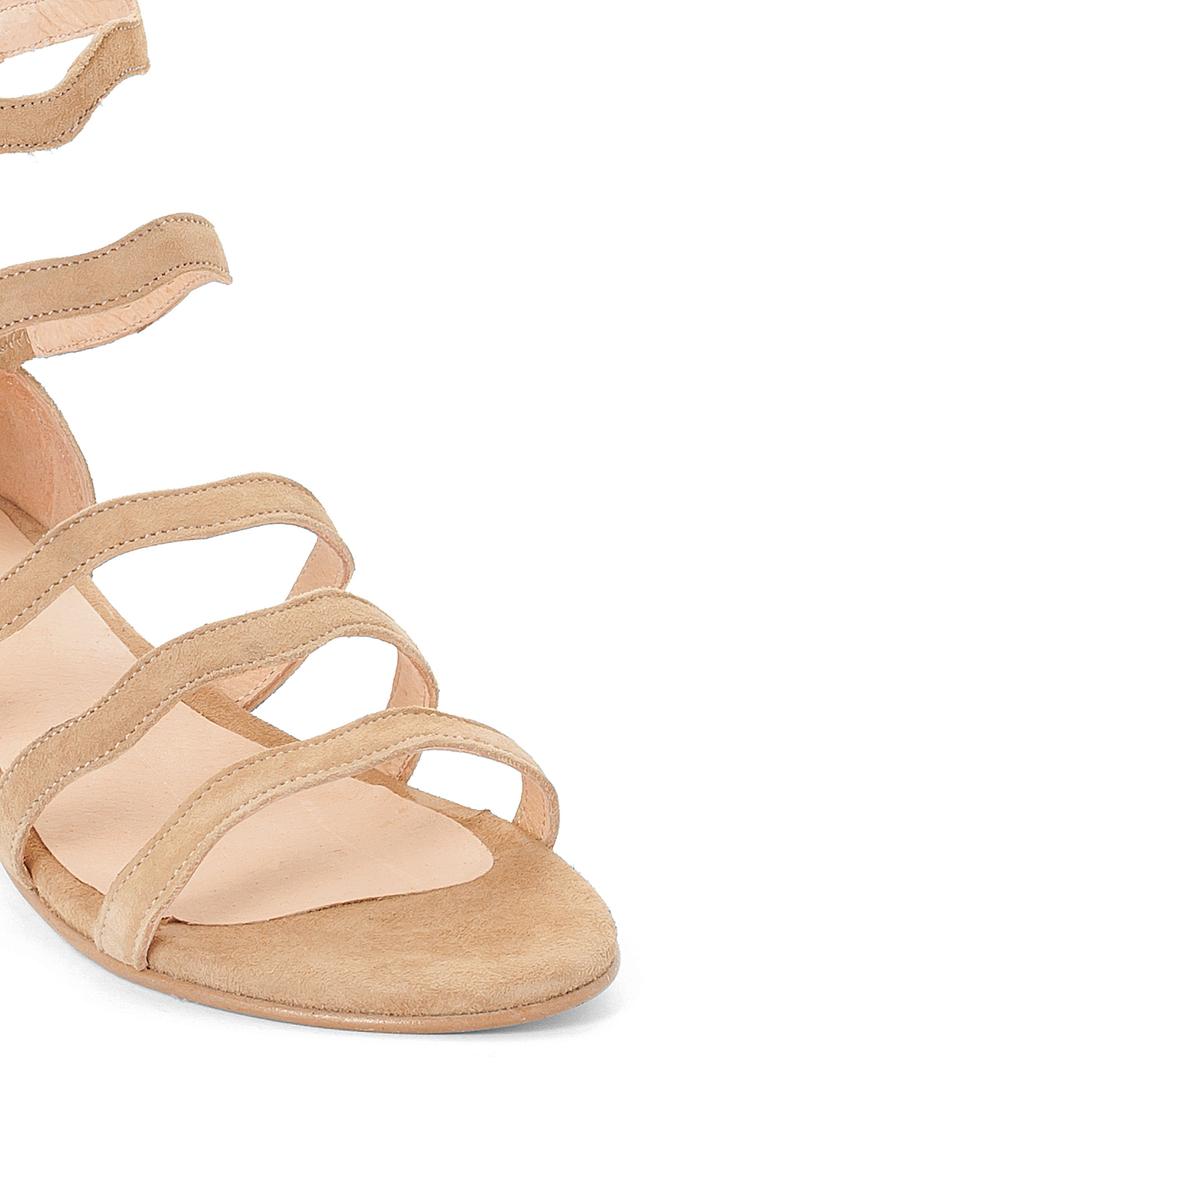 Босоножки кожаные на плоском каблукеВерх : кожа   Подкладка : кожа   Стелька : кожа   Подошва : эластомер   Высота каблука : 1 см   Форма каблука : плоский каблук   Мысок : открытый мысок   Застежка : молния<br><br>Цвет: бежевый,черный<br>Размер: 36.38